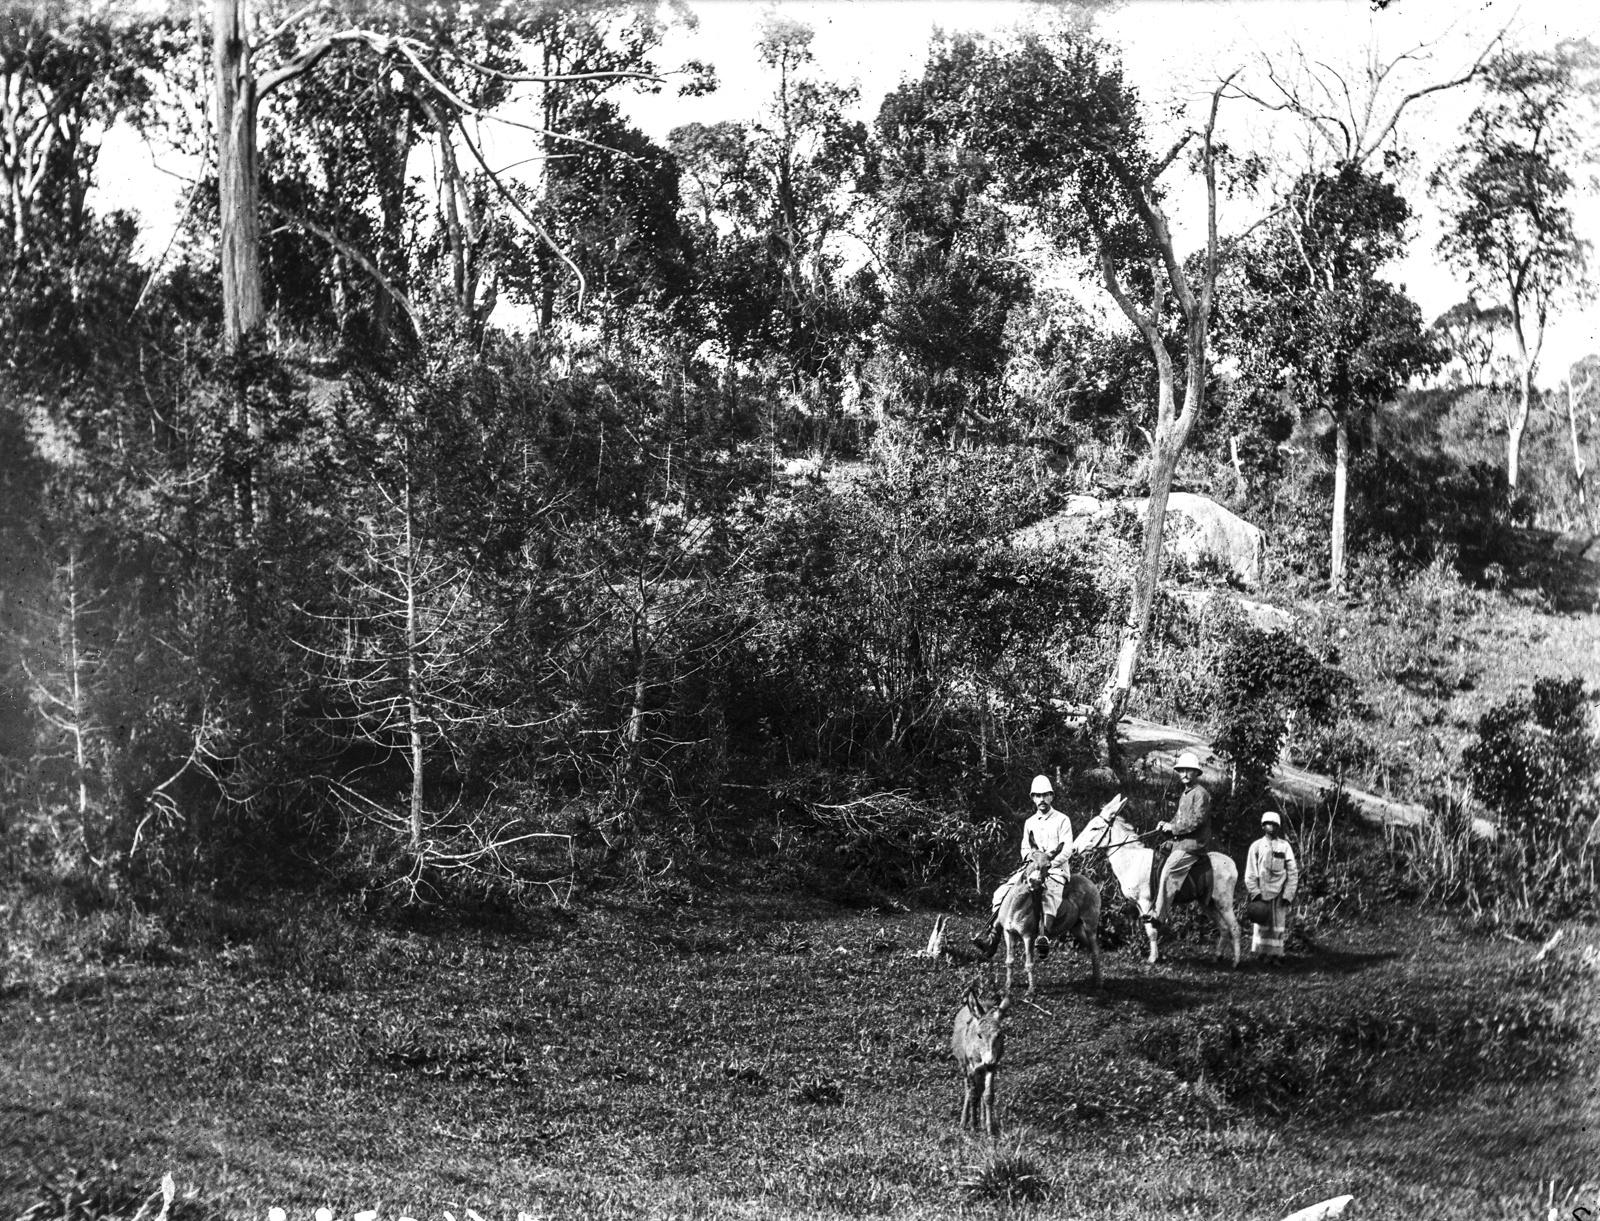 39. Два члена экспедиции на мулах, справа Техмер